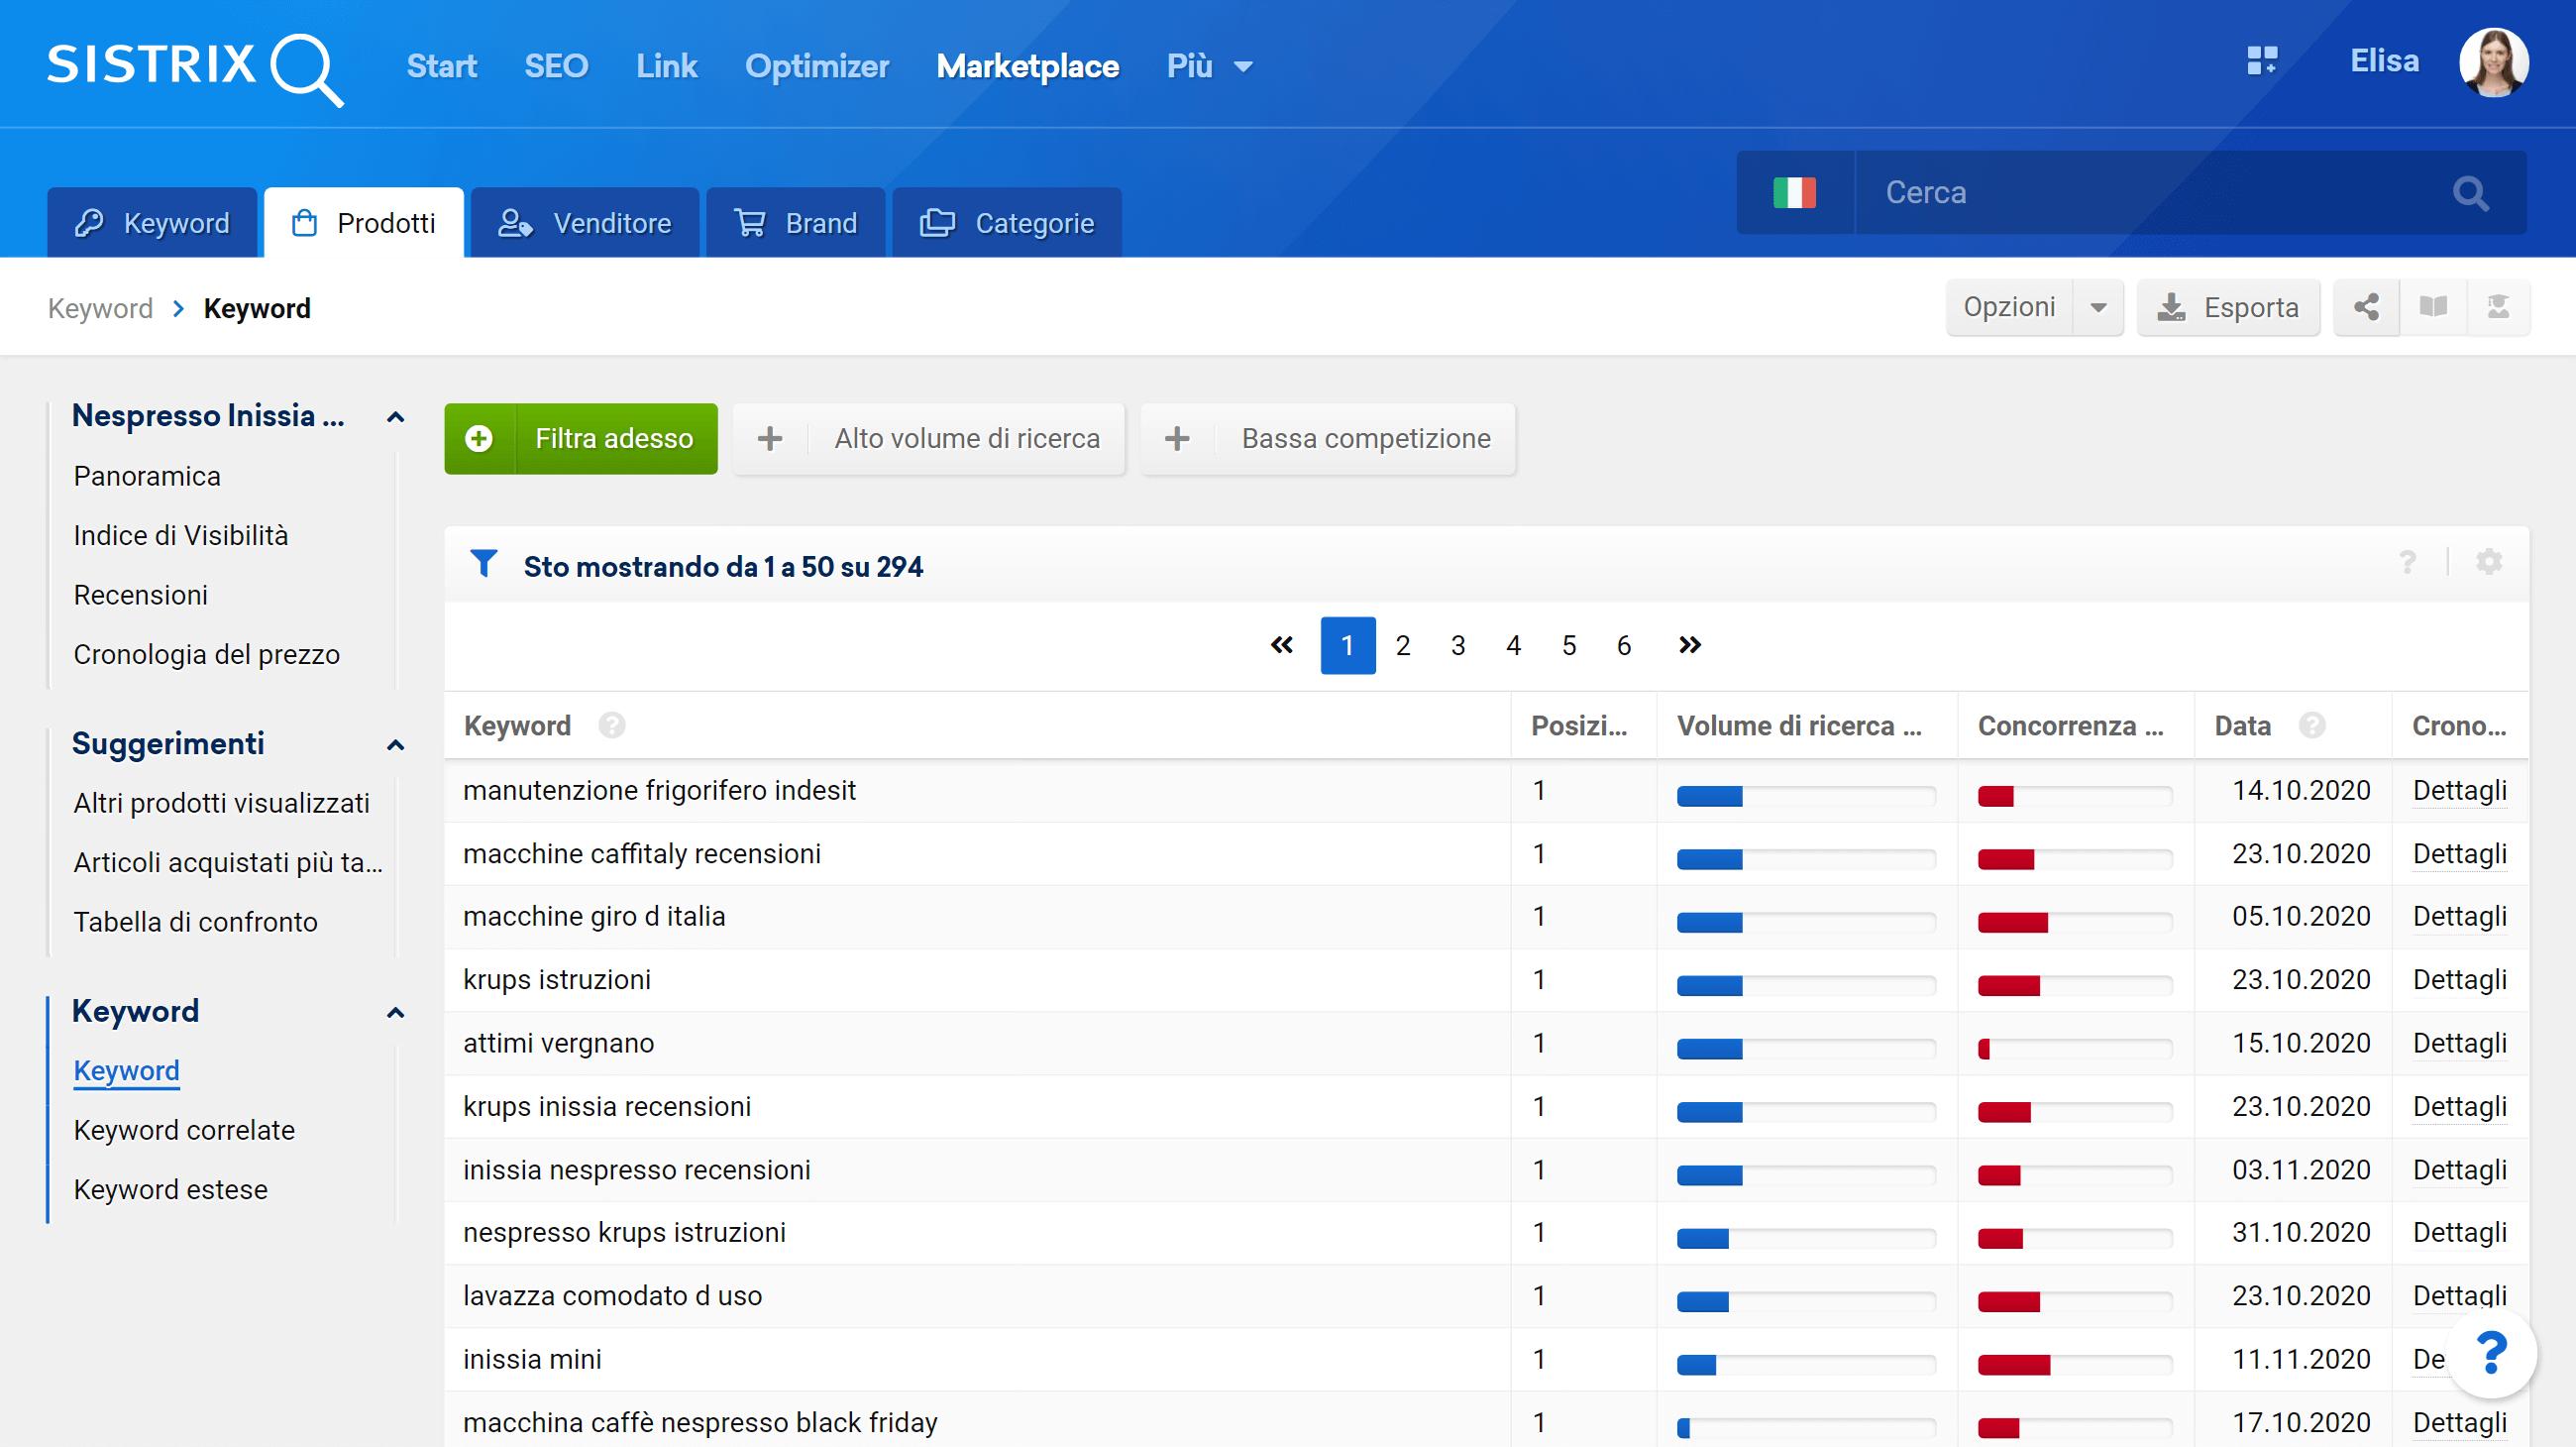 Tabella delle keyword nell'Amazon Tool di SISTRIX